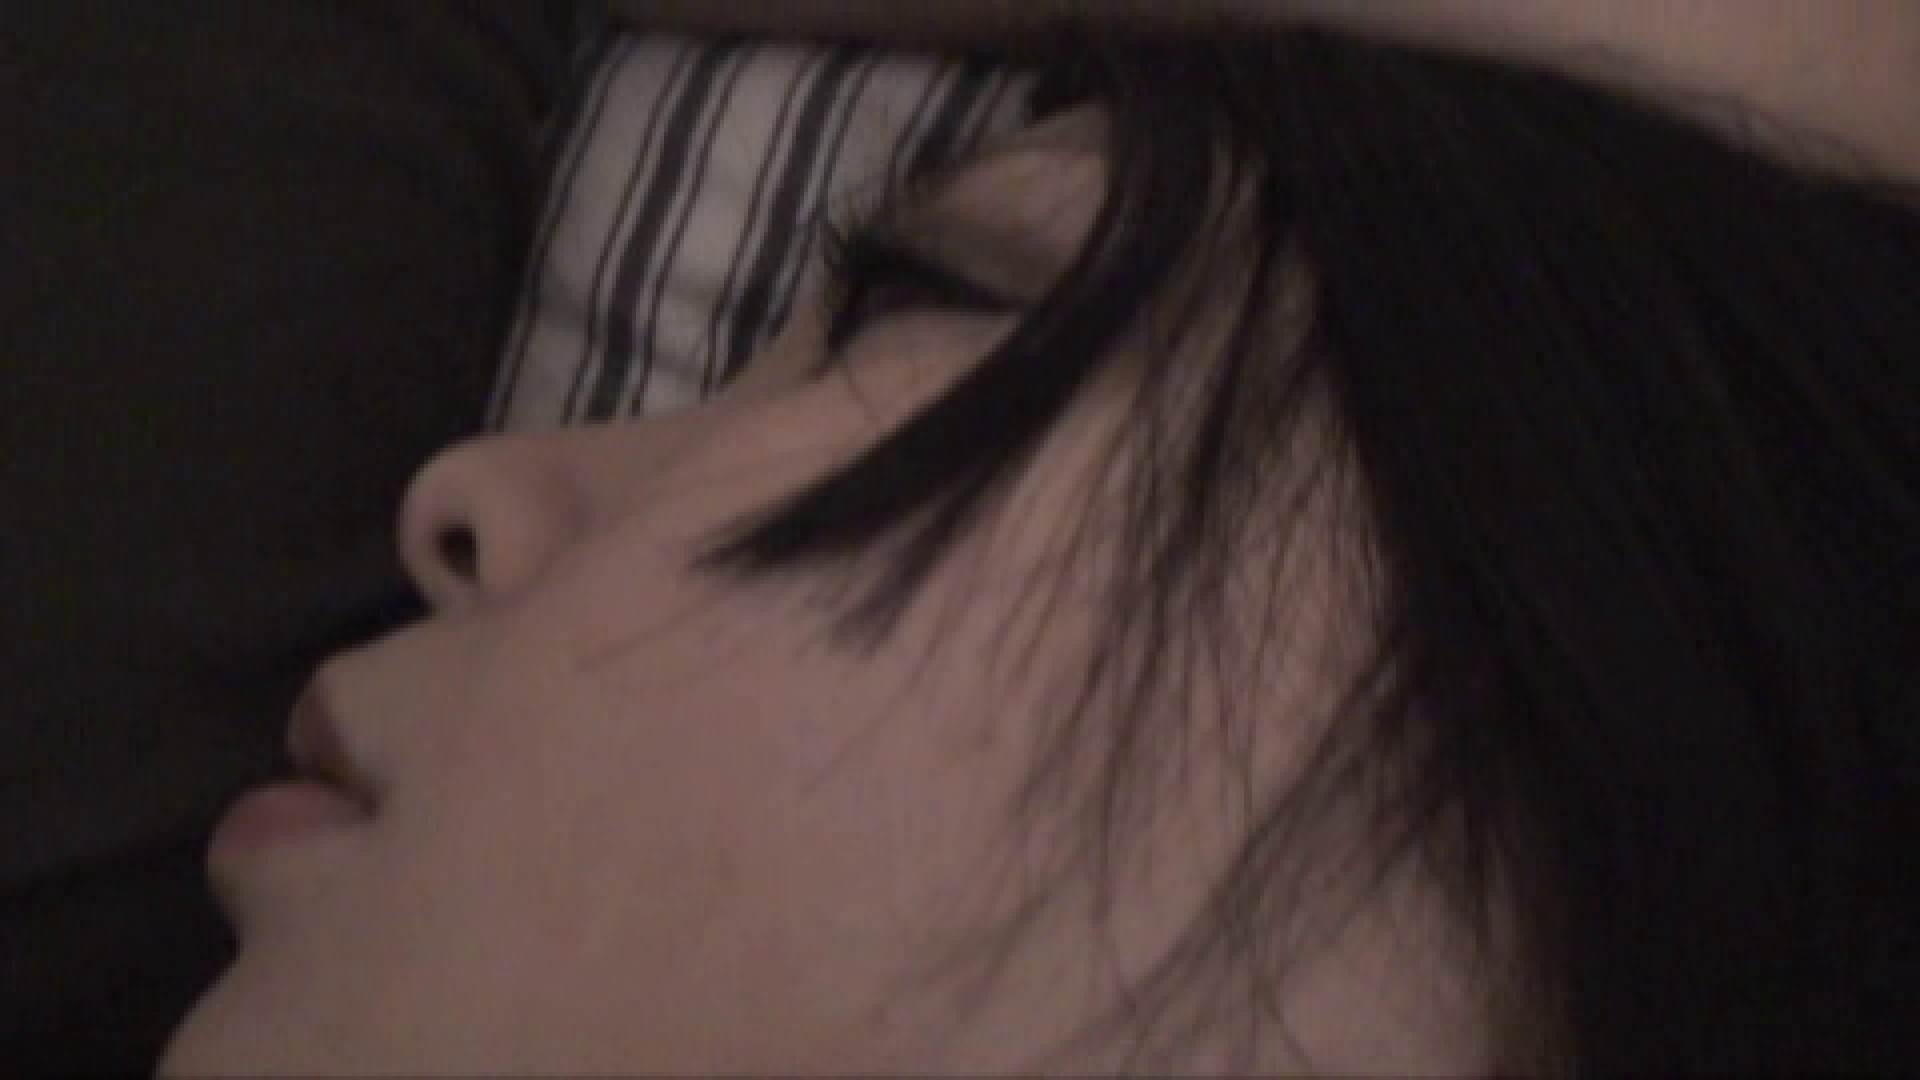 起きません! vol.14 いじくり | 0  68画像 59